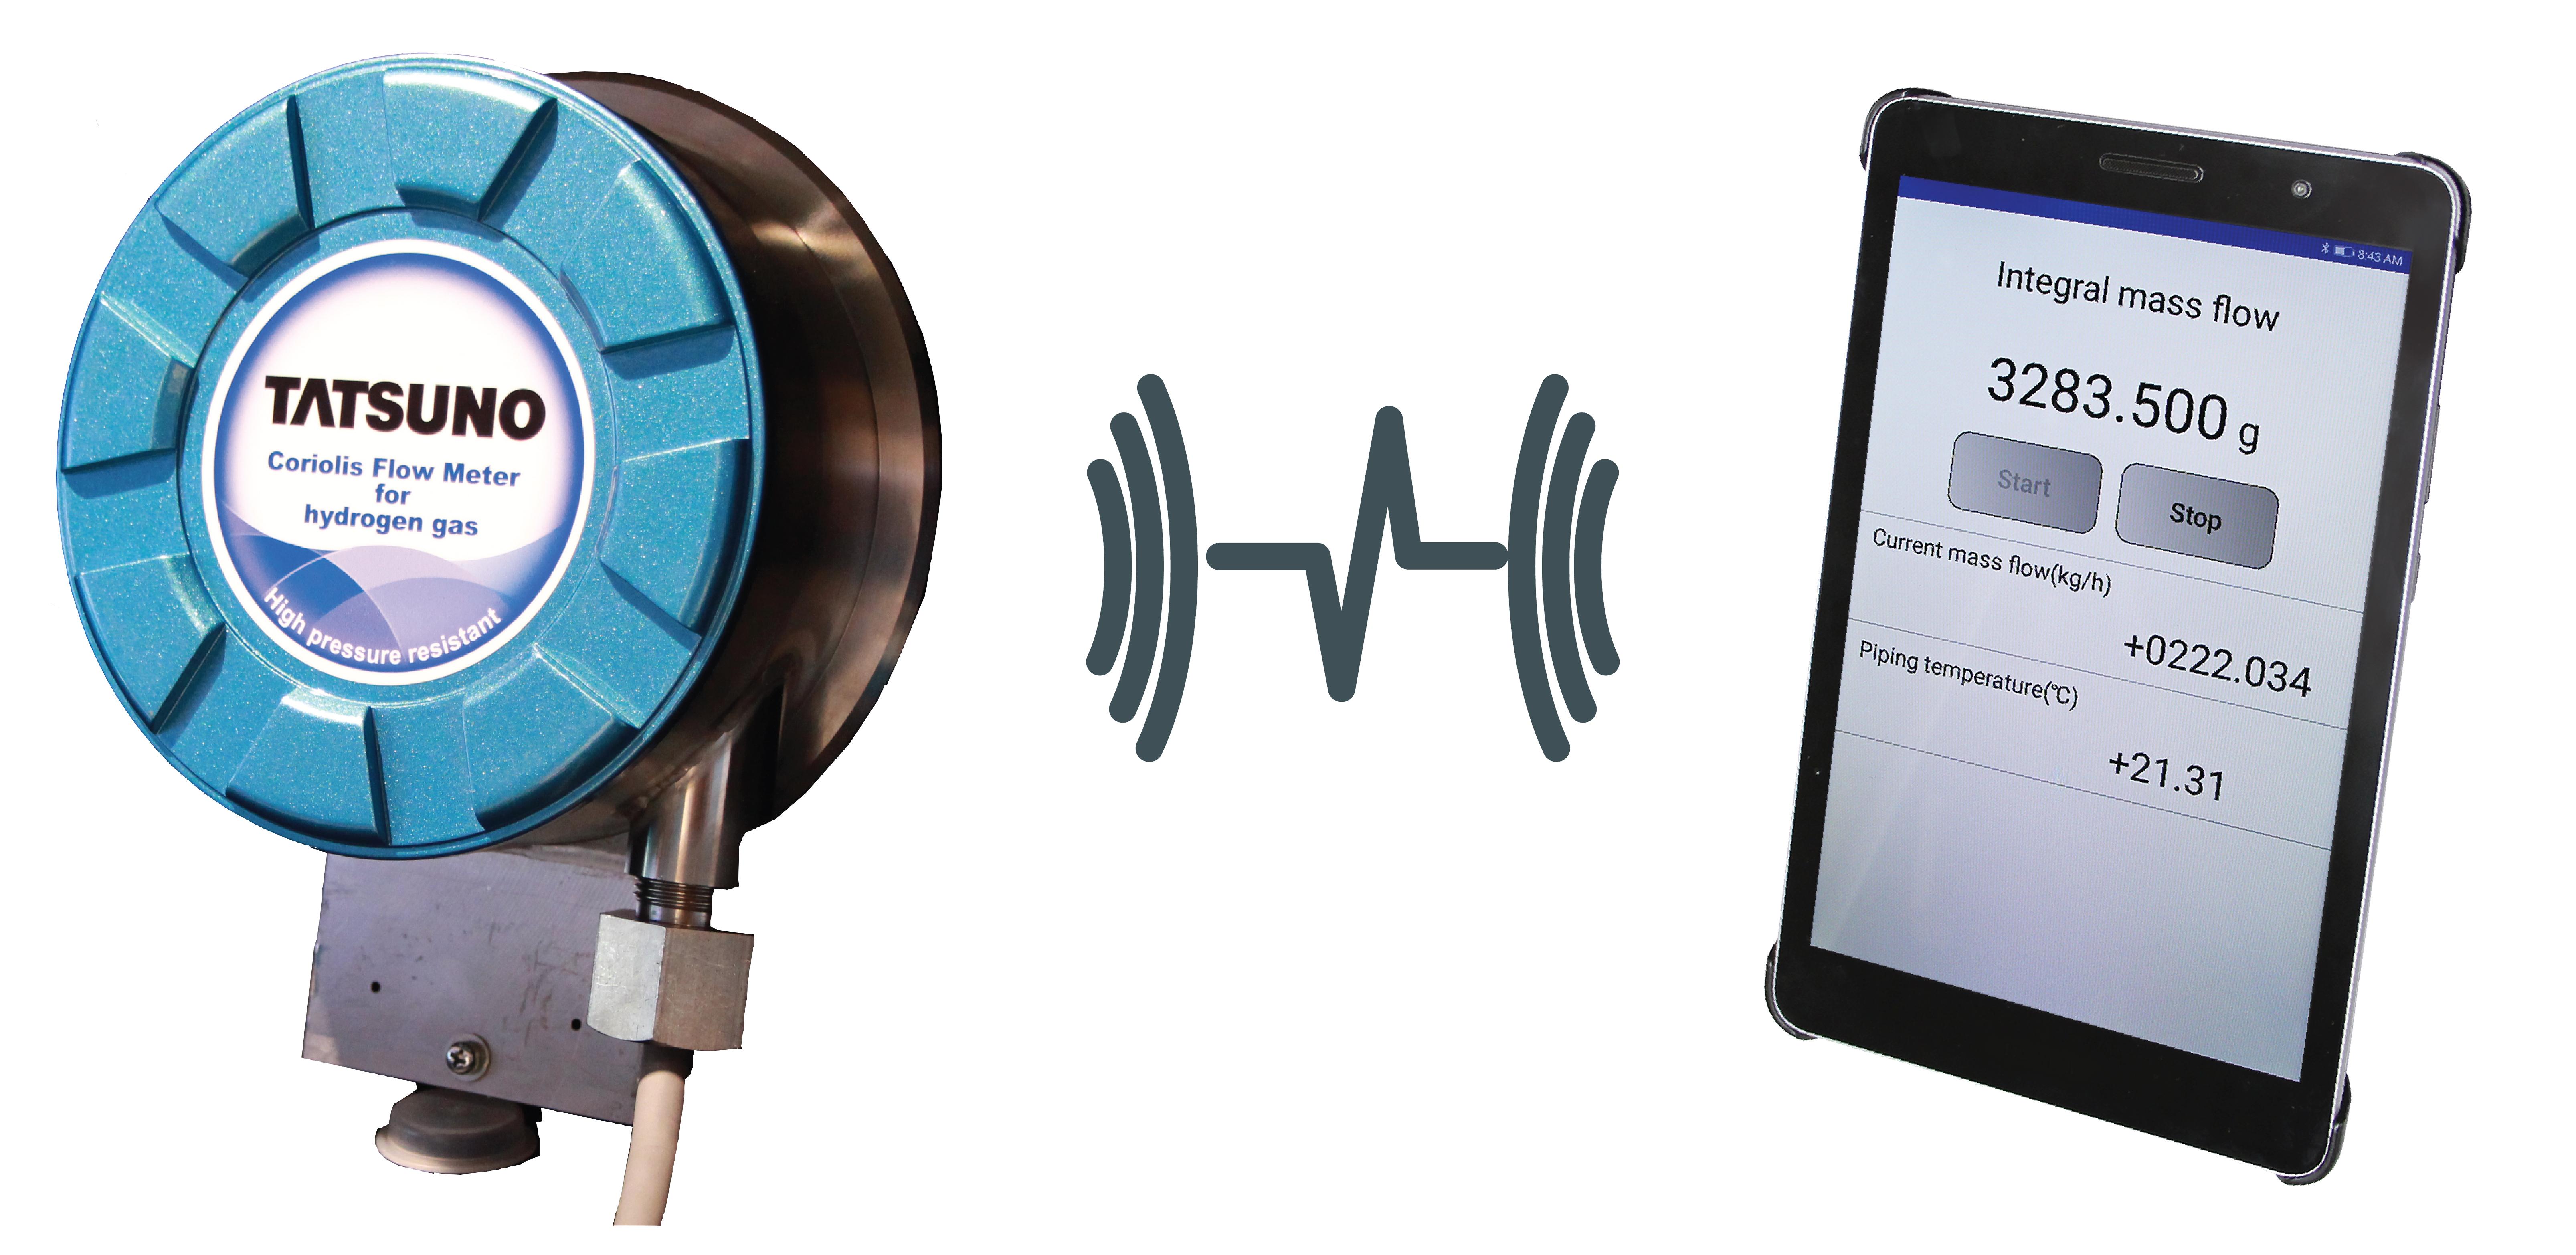 Coriolis Flow Meter for Hydrogenの特徴